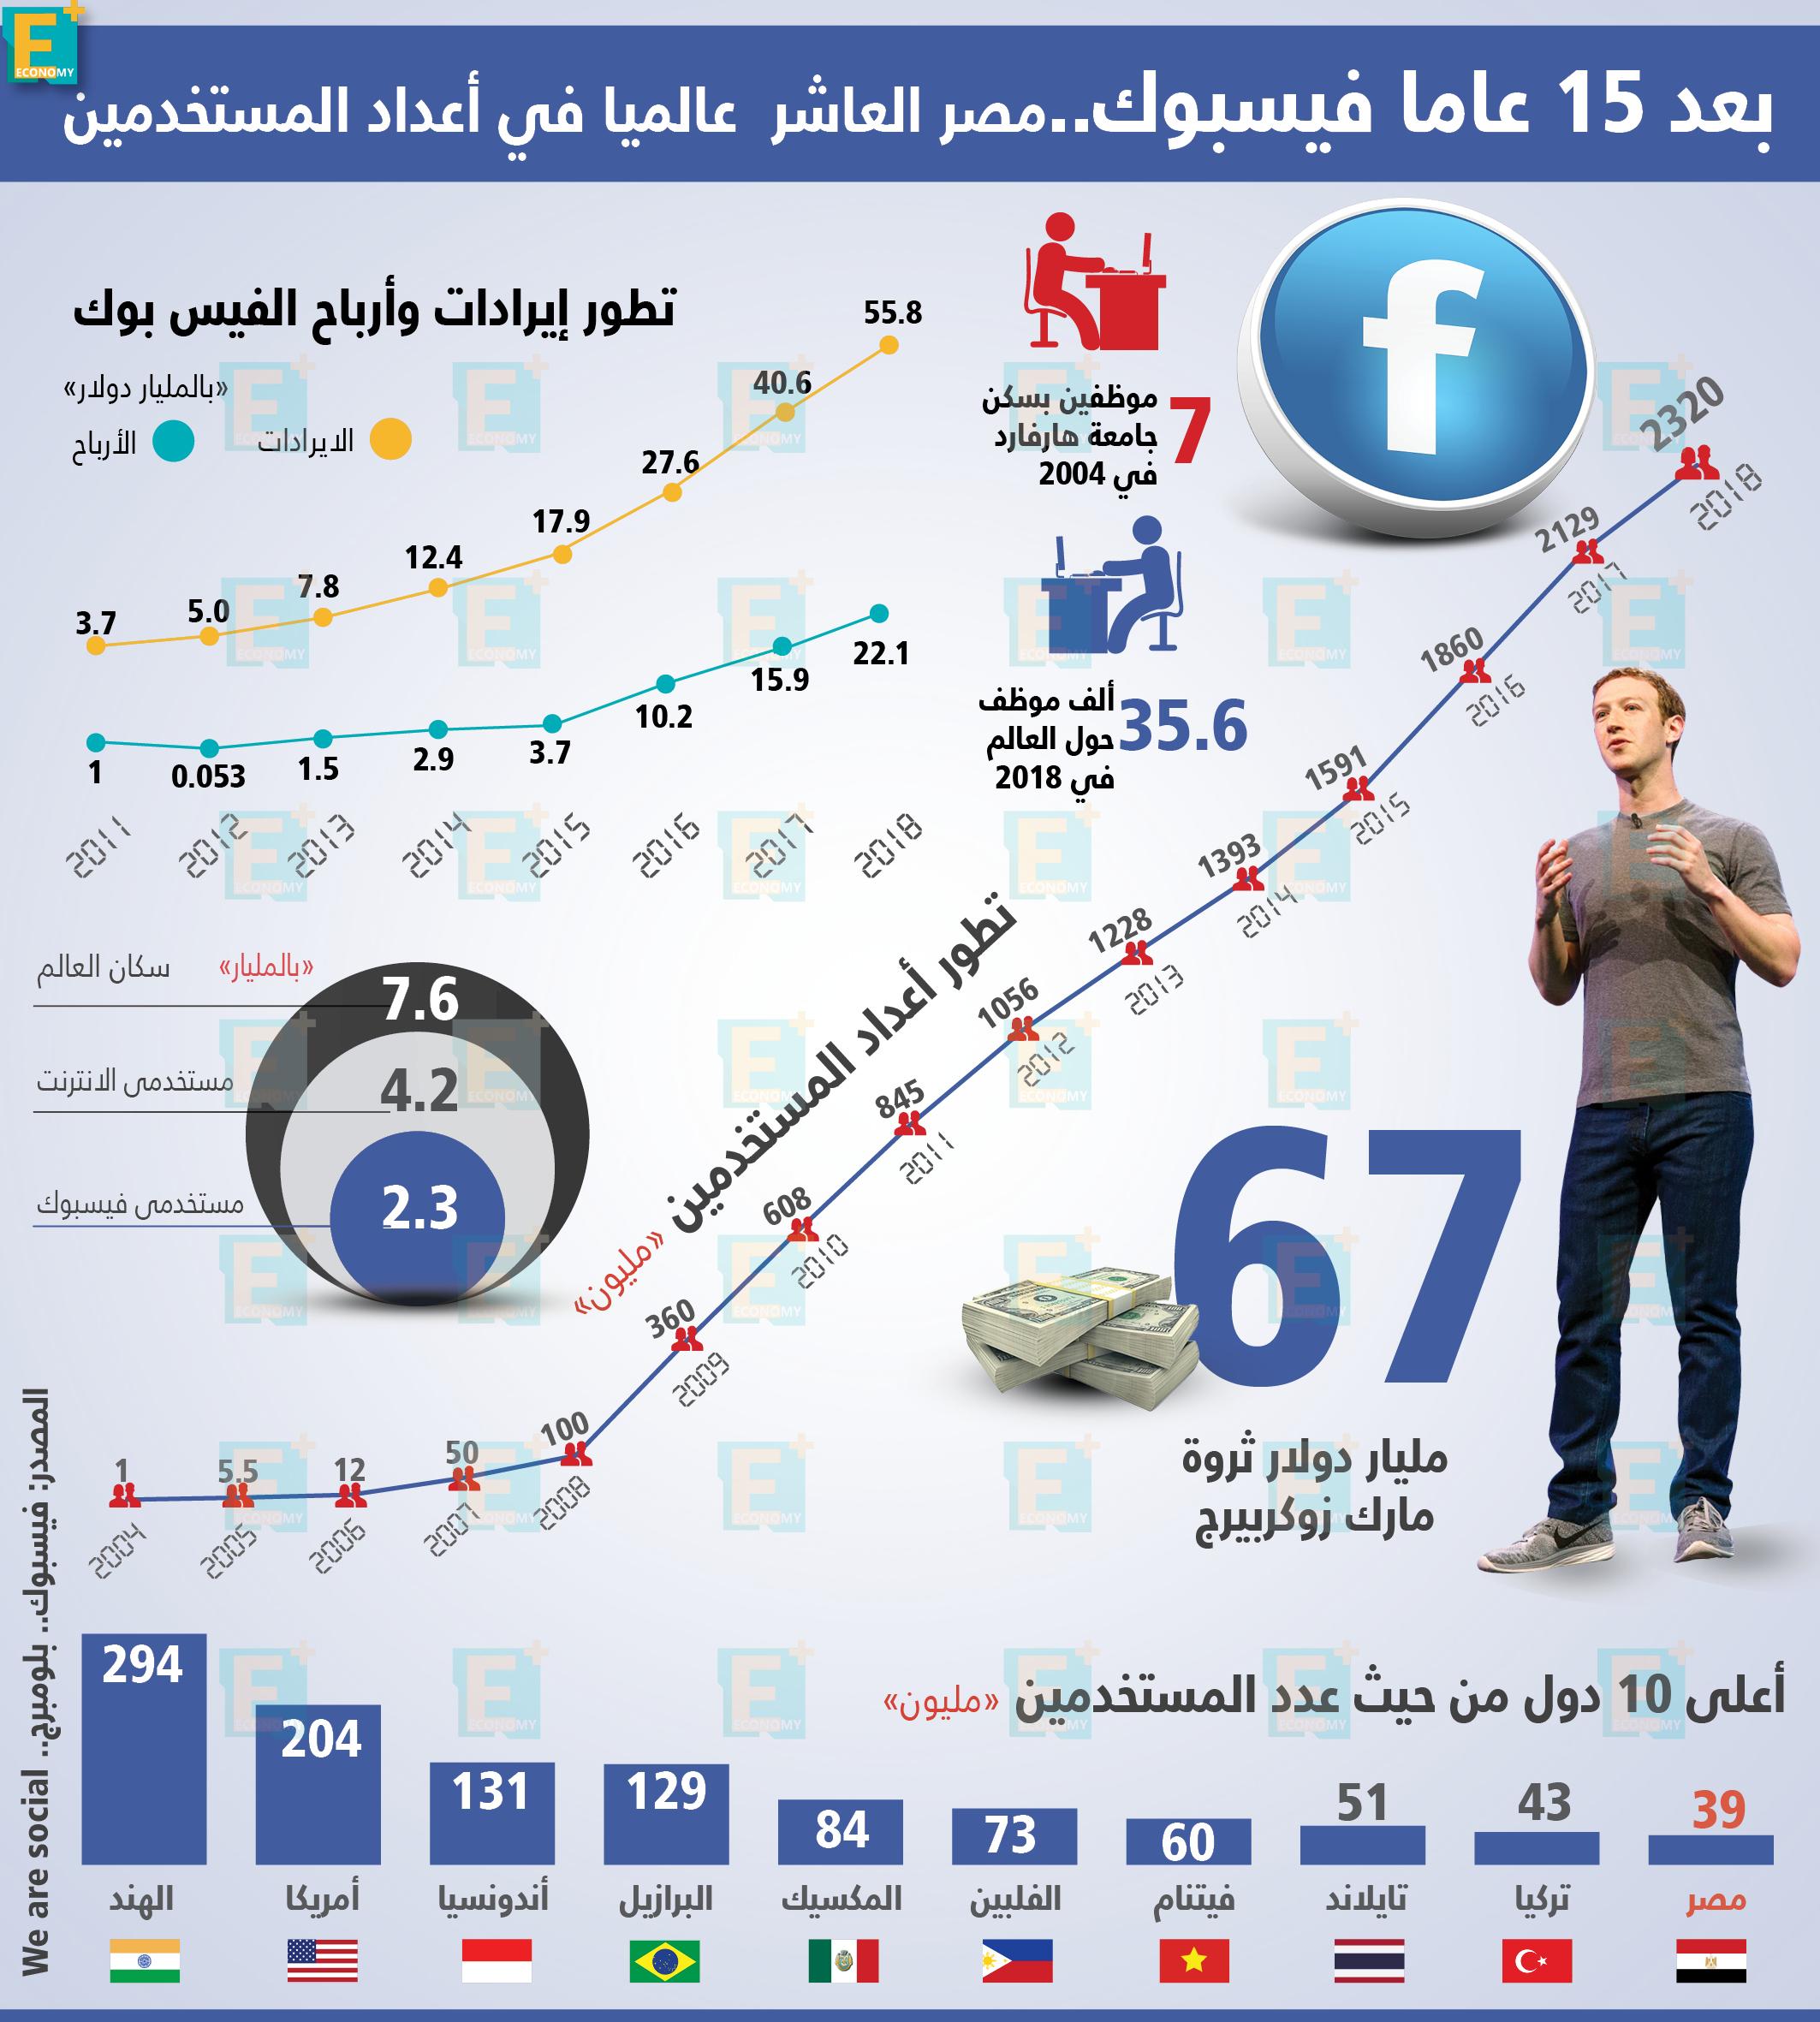 مصر العاشر عالميا في أعداد مستخدمي الفيسبوك